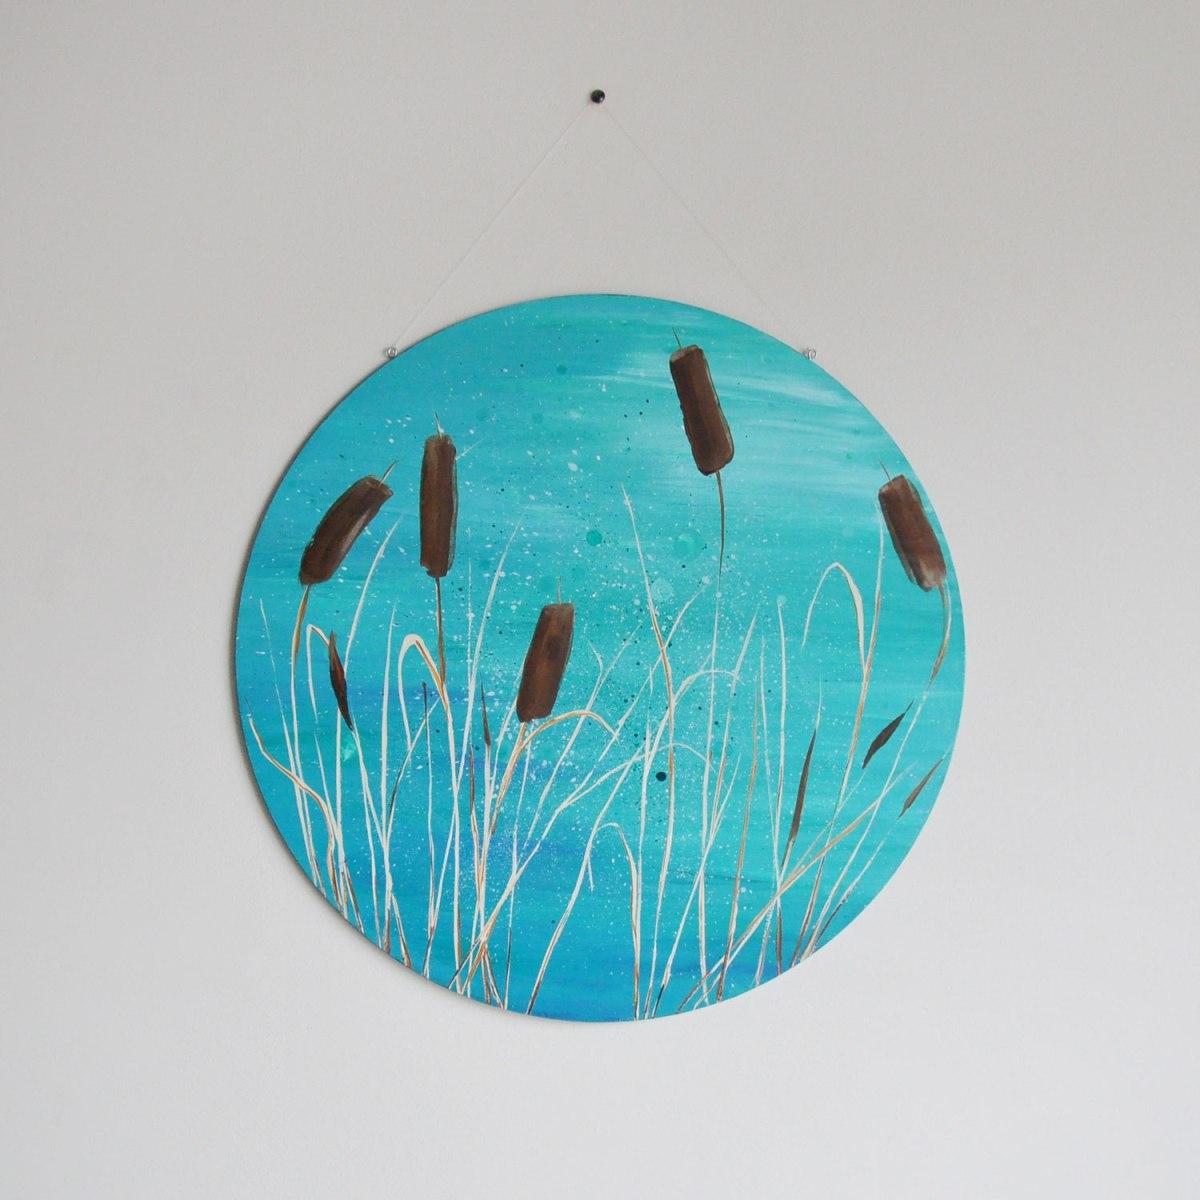 Annex Suspended Round Circle Art 18